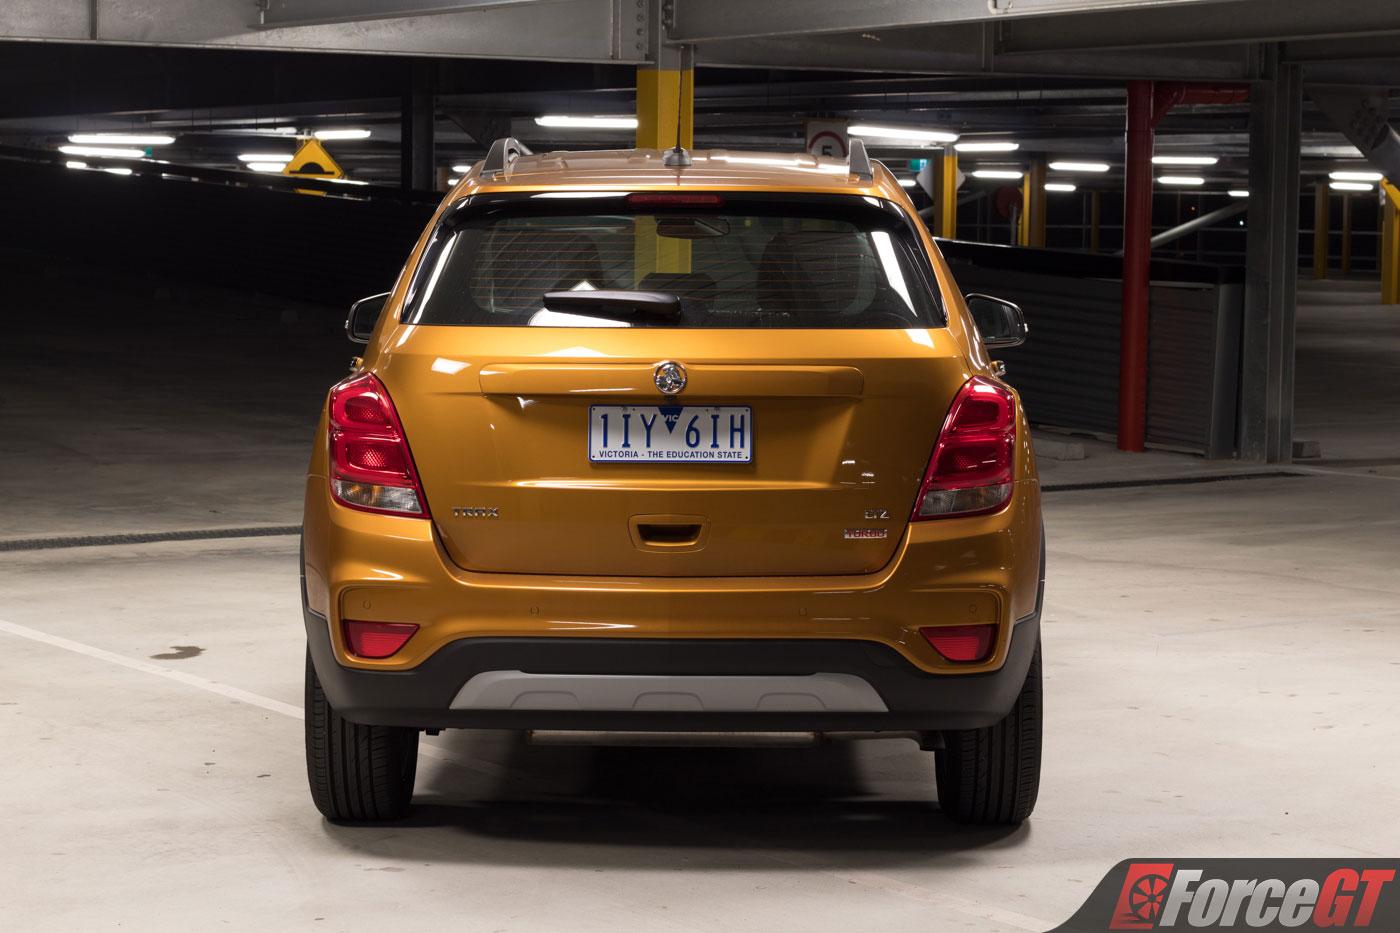 2017 Holden Trax Ltz Review Forcegt Com